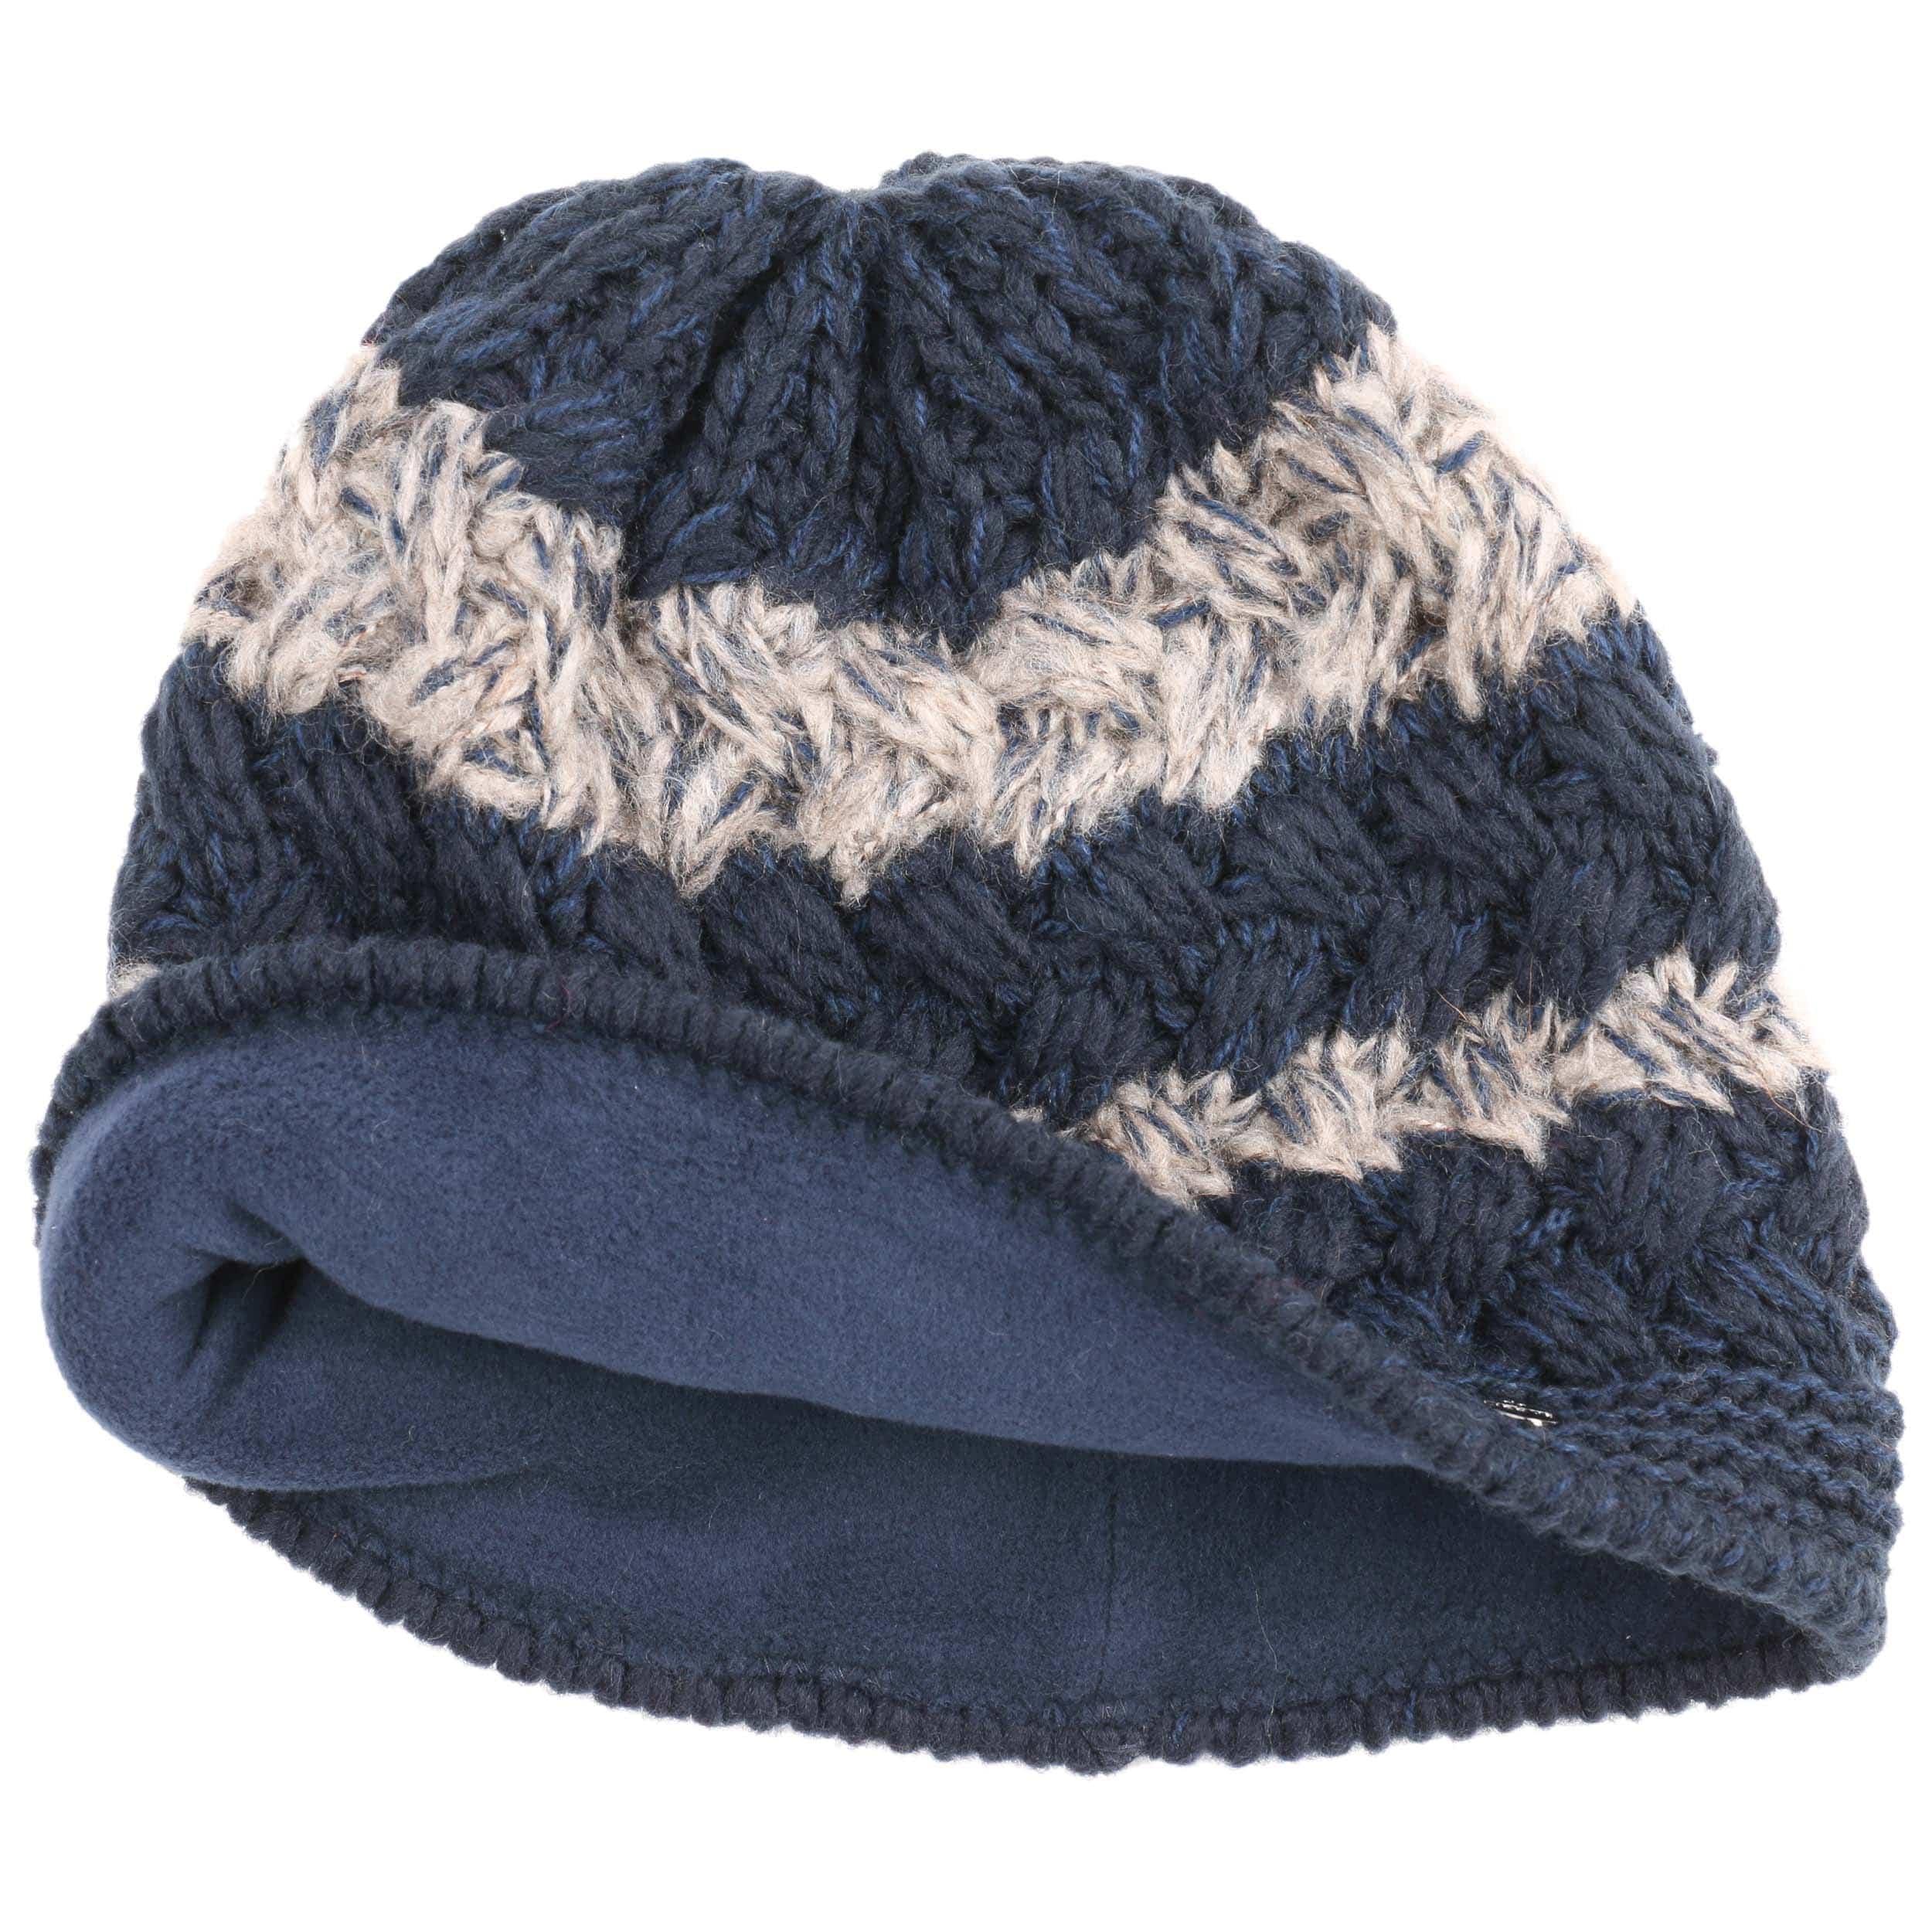 Multicolour Knit Hat with Flower by Lierys Cloth hats Lierys ysr7bRHw